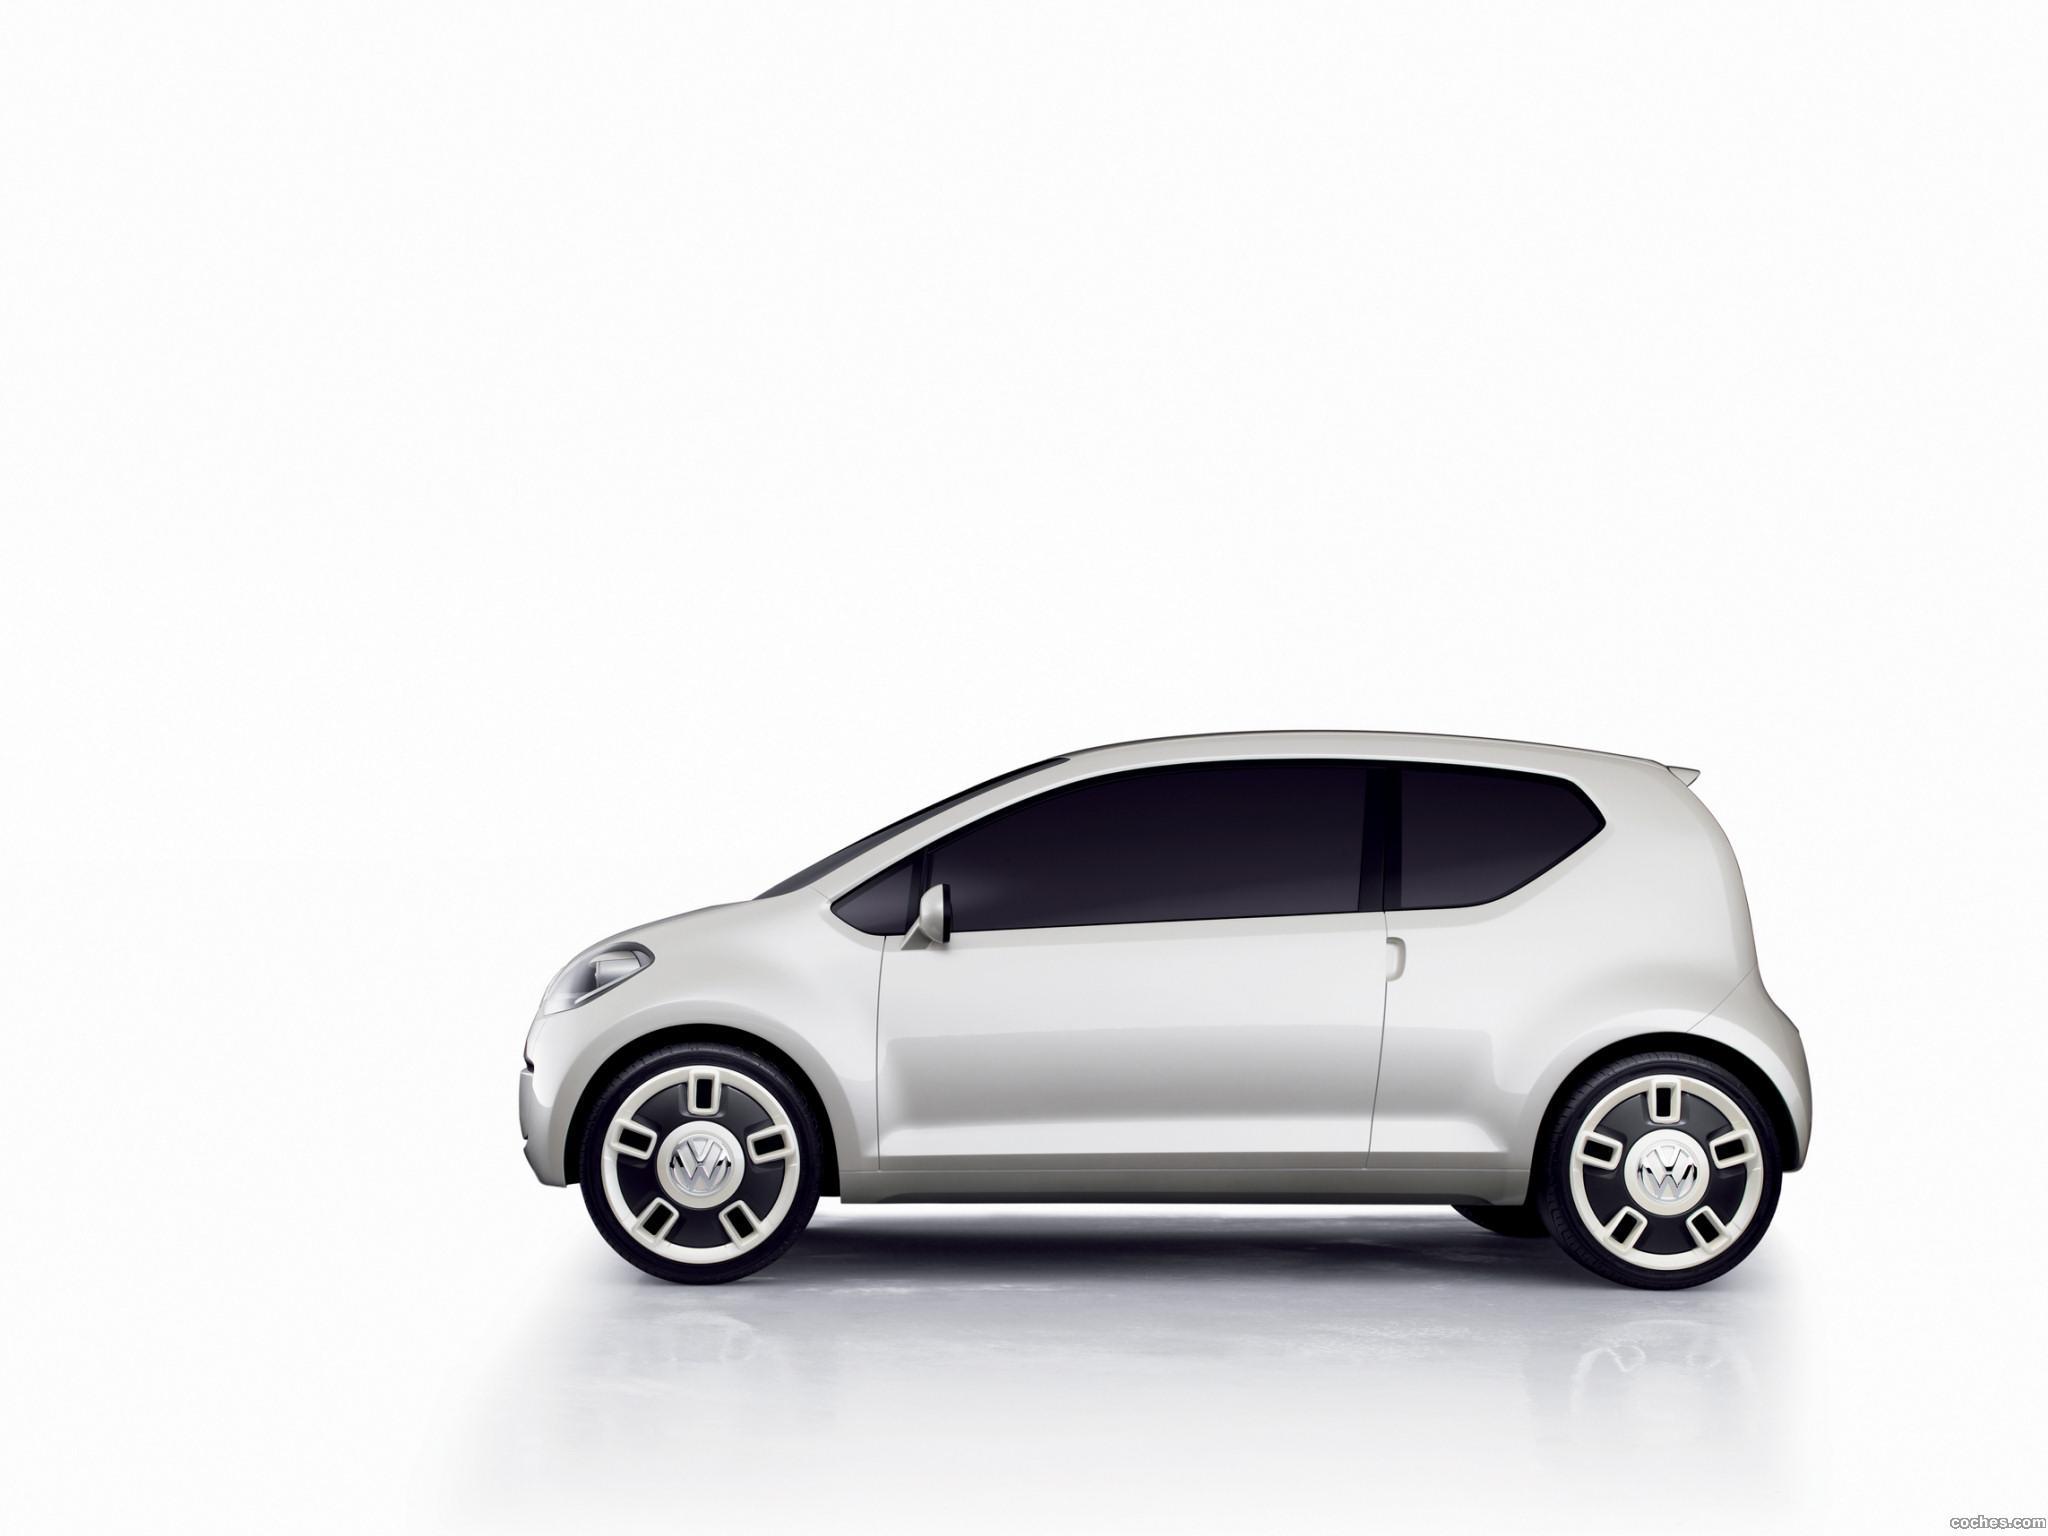 Foto 2 de Volkswagen Up! Concept 2007